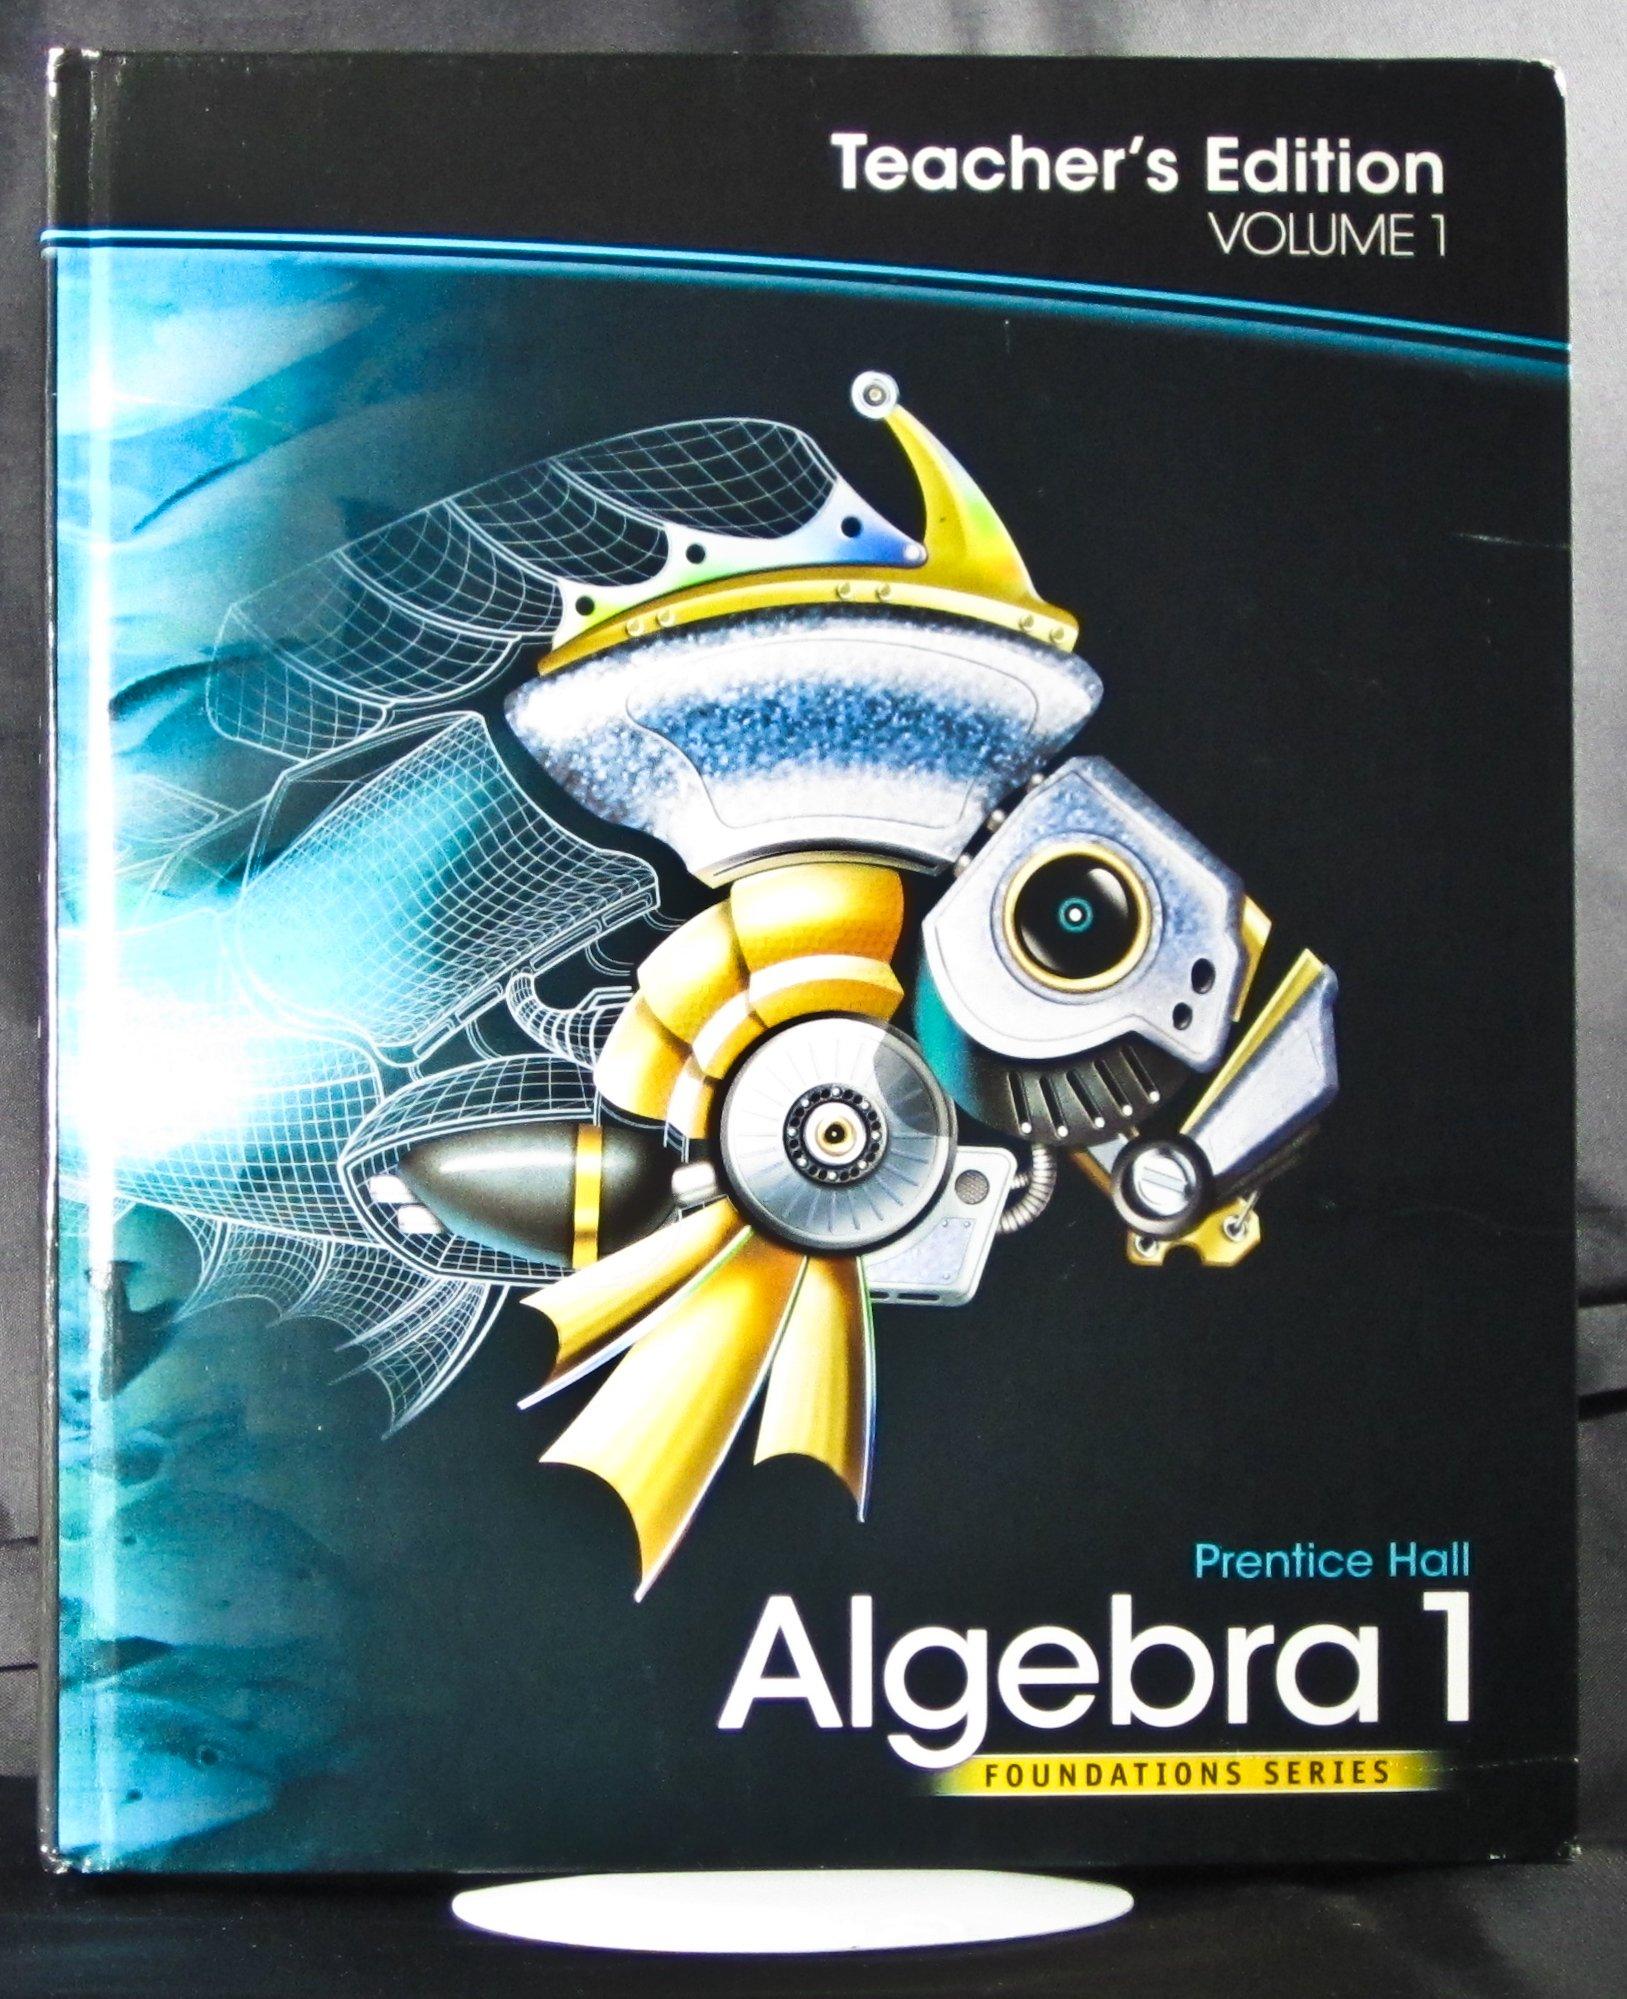 in prentice hall algebra 1